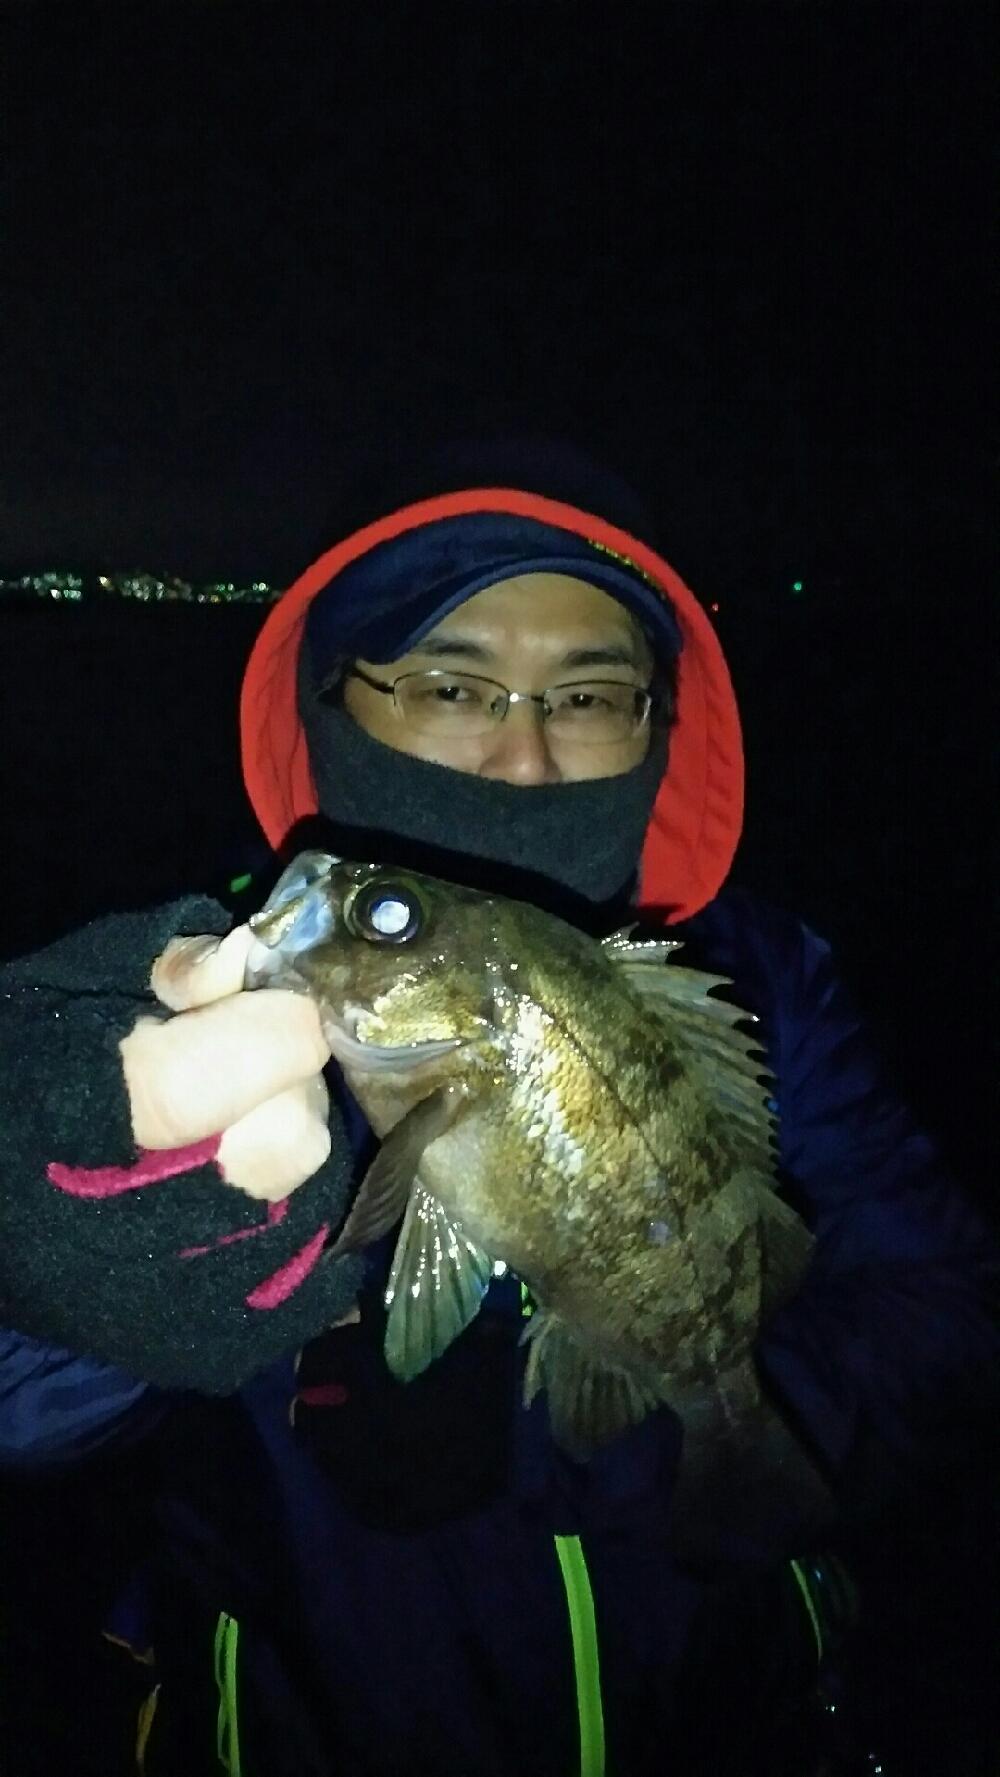 大蔵海岸での釣り 冬のメバリング・ロックフィッシュ釣り情報・釣果